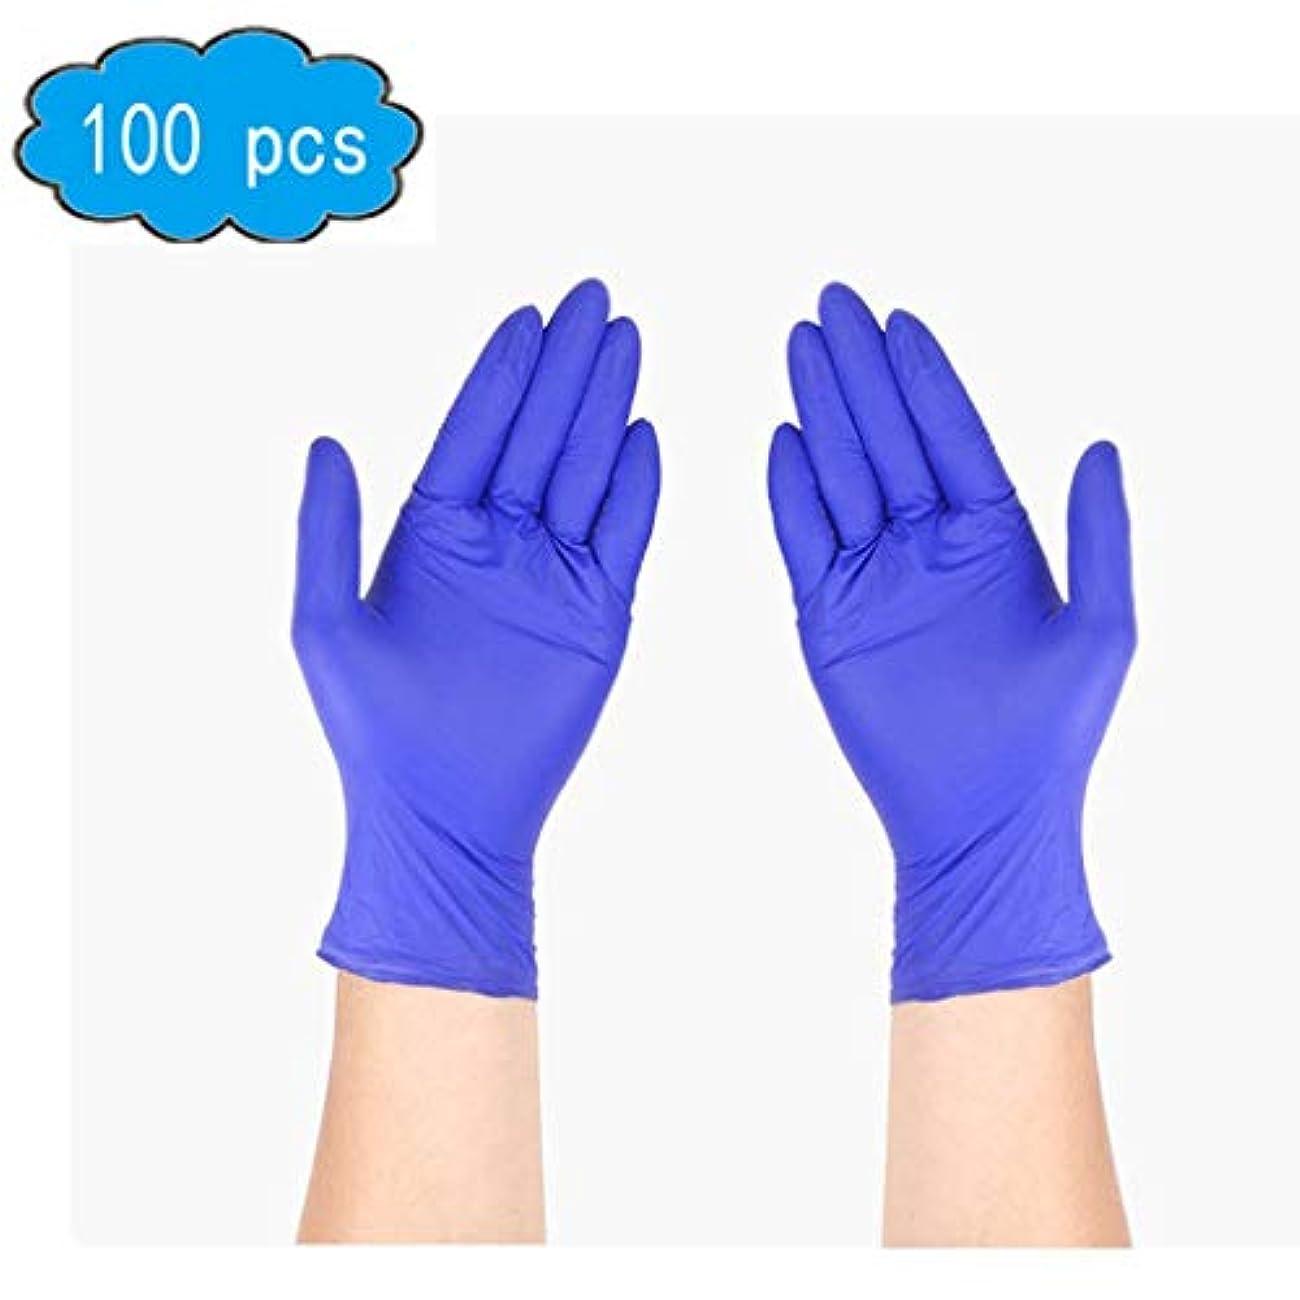 ブリーク会計士でるニトリル試験用手袋 - 医療用グレード、使い捨て、パウダーフリー、ラテックスラバーフリー、ヘビーデューティー、テクスチャード、無菌、作業、医療、食品安全、クリーニング、卸売、特大(100個入り)、応急処置用品 (Color...